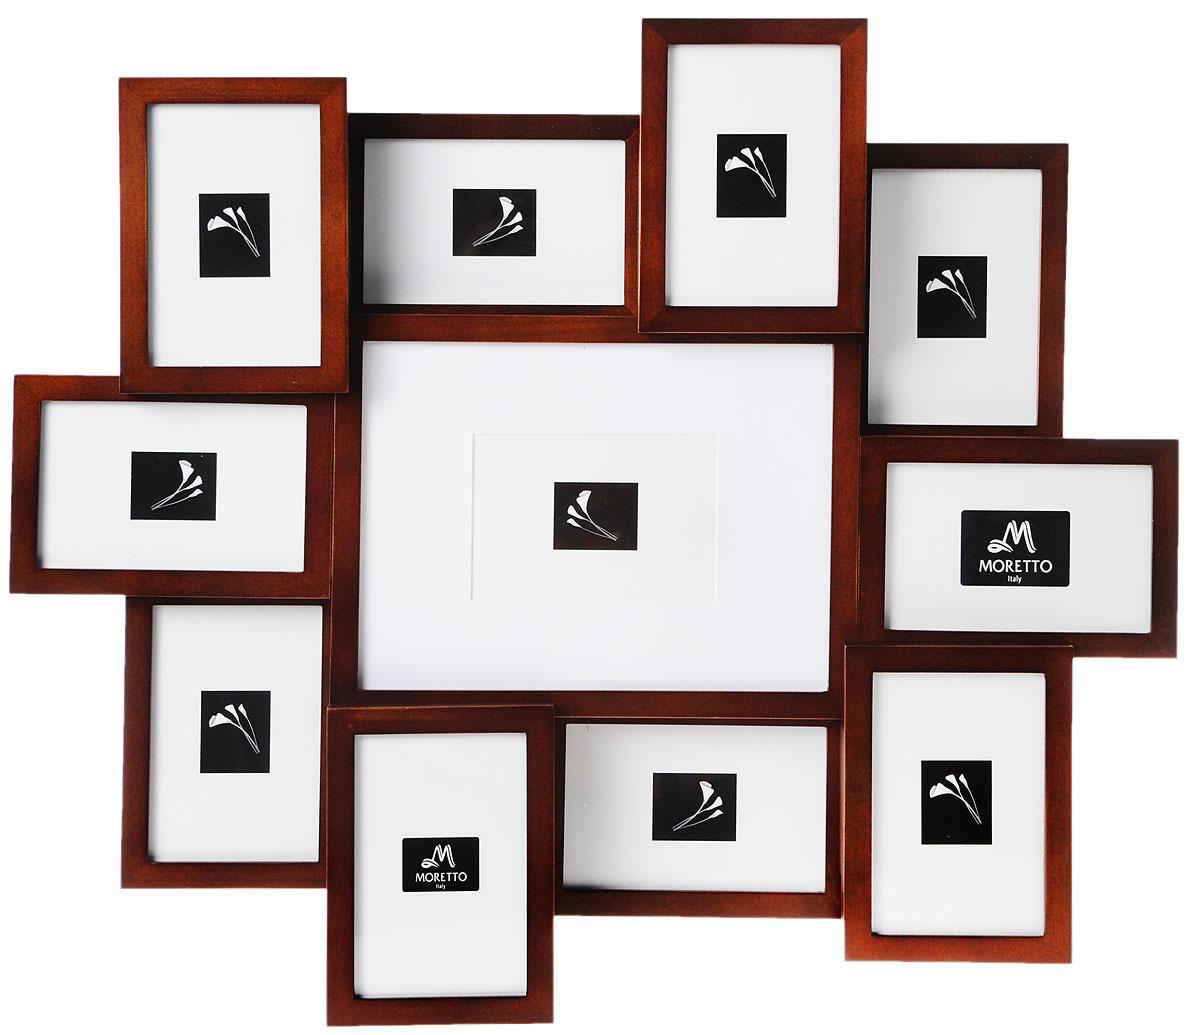 Фоторамка Moretto, на 11 фото238010Фоторамка Moretto отлично дополнит интерьер помещения и поможет сохранить на память ваши любимые фотографии. Фоторамка выполнена из дерева и представляет собой коллаж из 11 прямоугольных рамочек с вертикальным и горизонтальным расположением фотографий. Изделие подвешивается к стене. Такая рамка позволит сохранить на память изображения дорогих вам людей и интересных событий вашей жизни, а также станет приятным подарком для каждого.Размер рамок:- 10 фоторамок 12 х 17 см для фото 10 х 15 см,- фоторамка 28,5 х 22,2 см для фото 20 х 26 см, Общий размер фоторамки: 63 х 56 см.